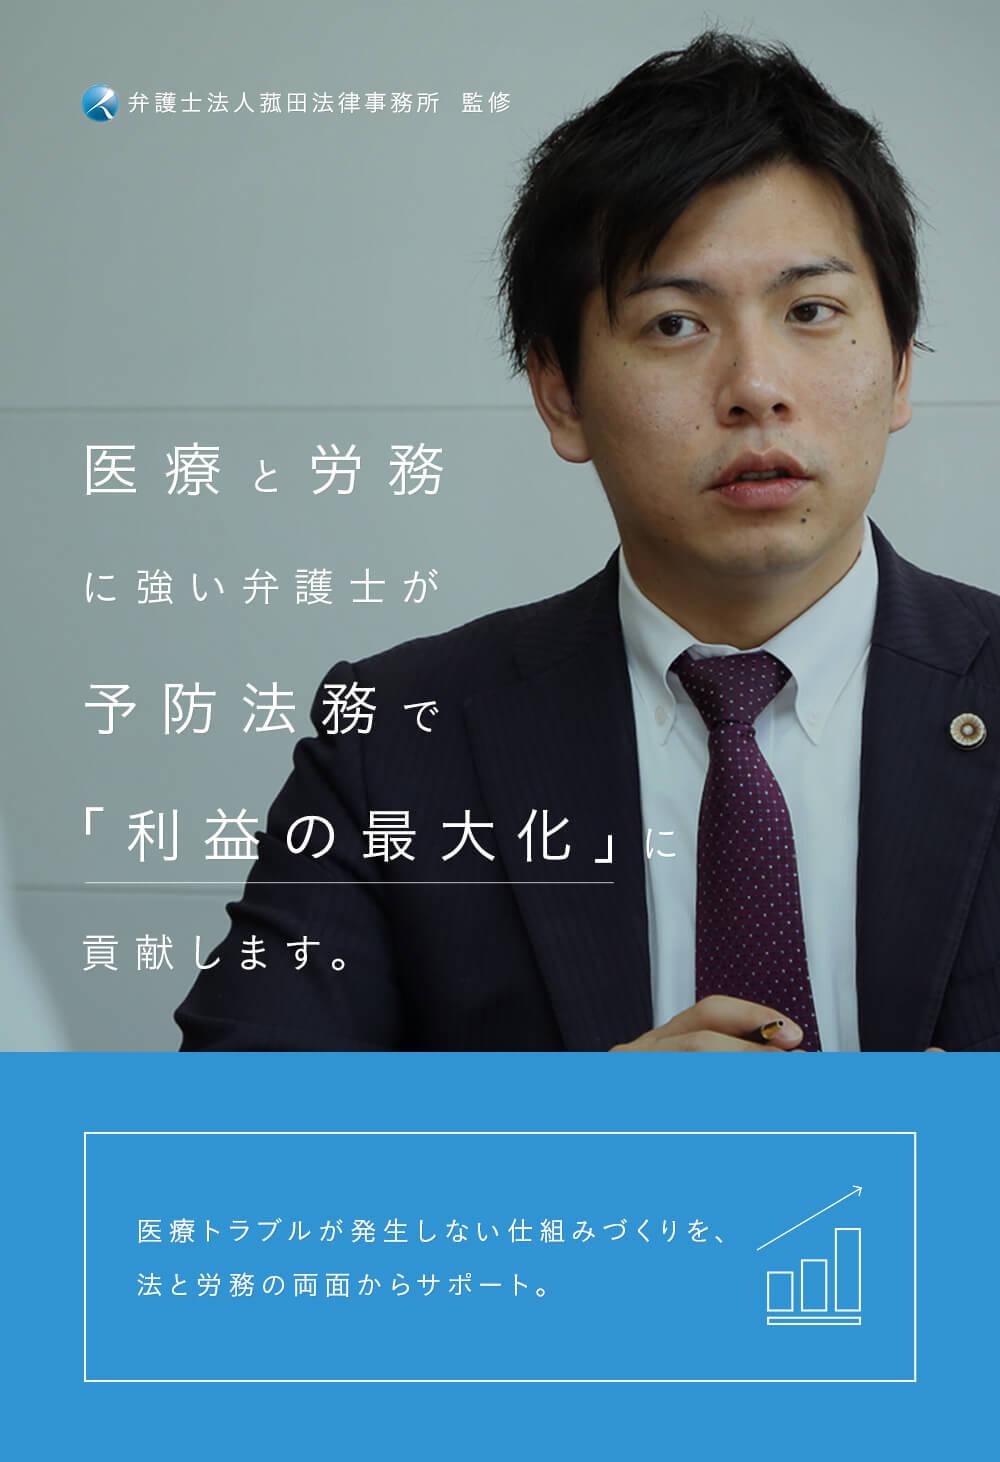 弁護士法人菰田法律事務所  監修 医療と労務に強い弁護士が予防法務で「利益の最大化」に貢献します。医療トラブルが発生しない仕組みづくりを、法と労務の両面からサポート。